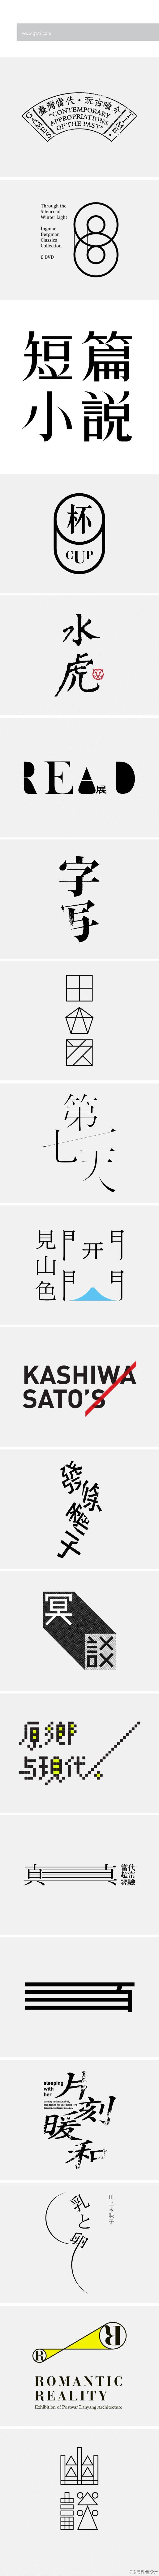 台湾设计师王志弘字体作品